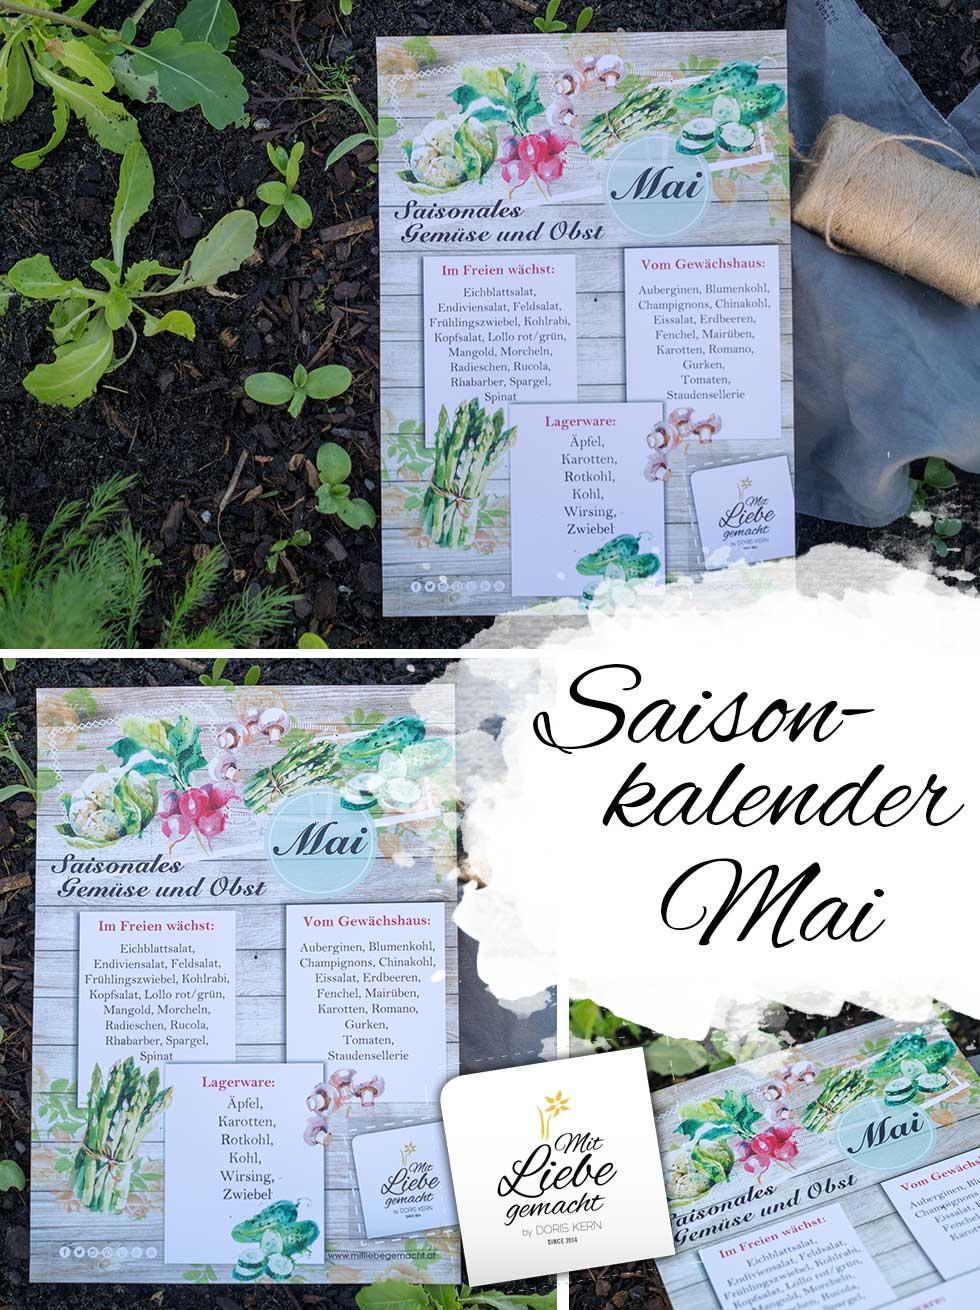 Saisonkalender Mai - frisches Obst und Gemüse